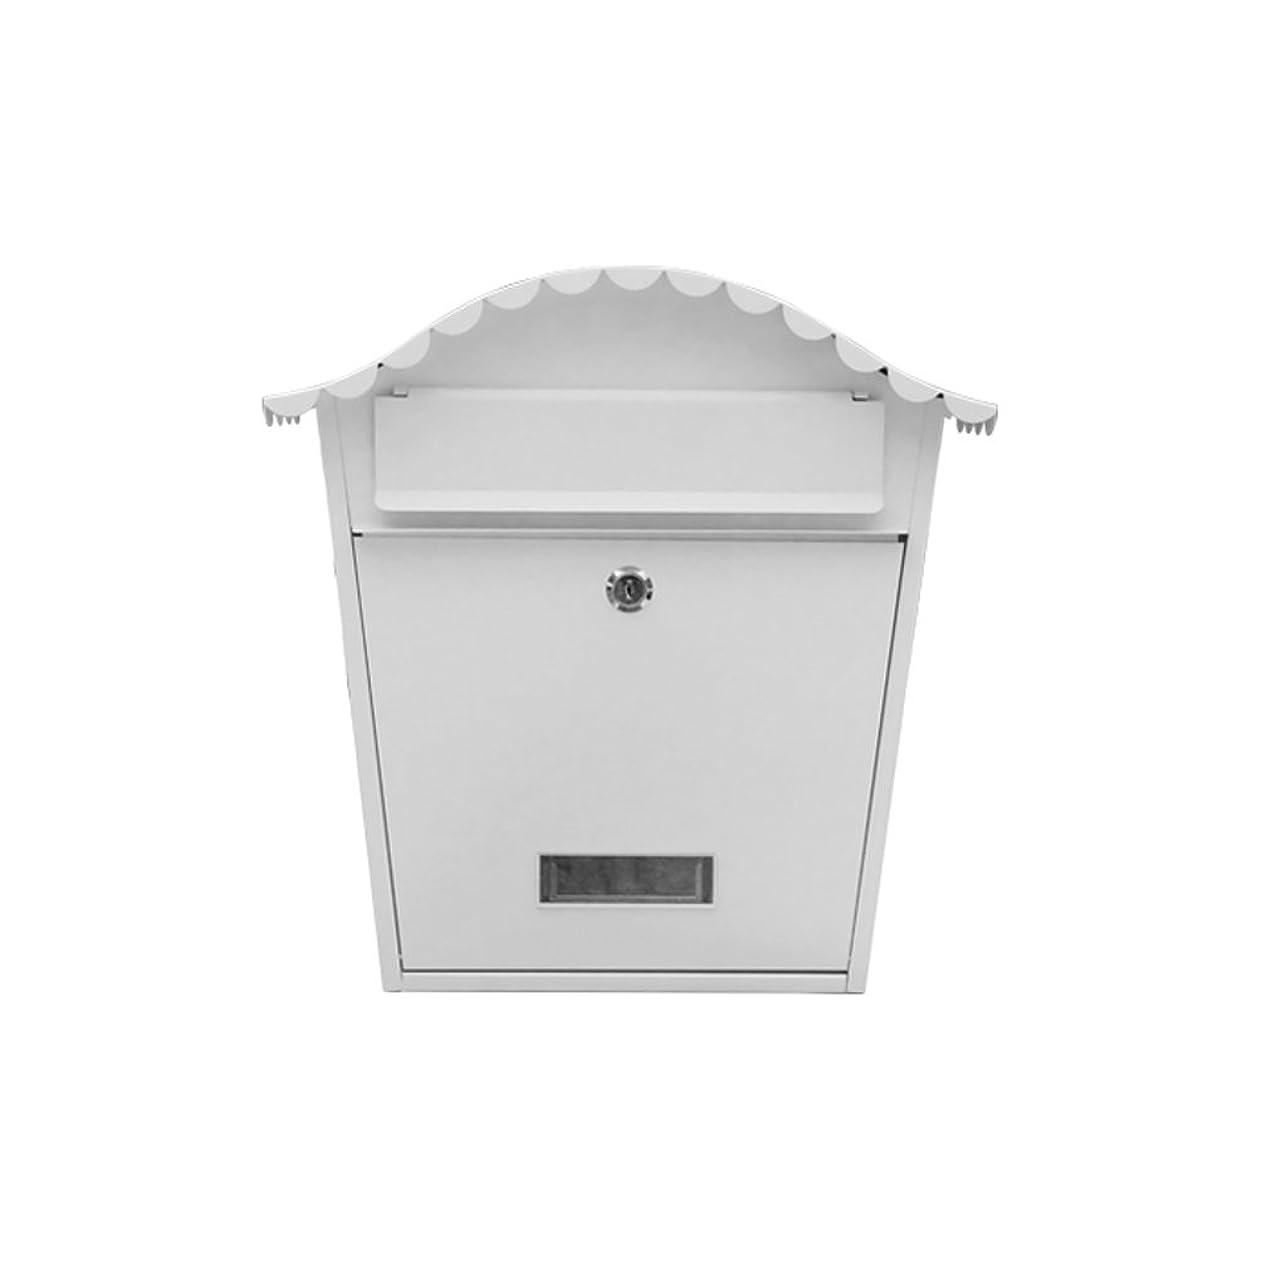 内なるアレルギー性強要HZB ヴィラ郵便受け屋外郵便箱ヨーロッパの吊り下げ壁屋外防水新聞箱の装飾、平野白